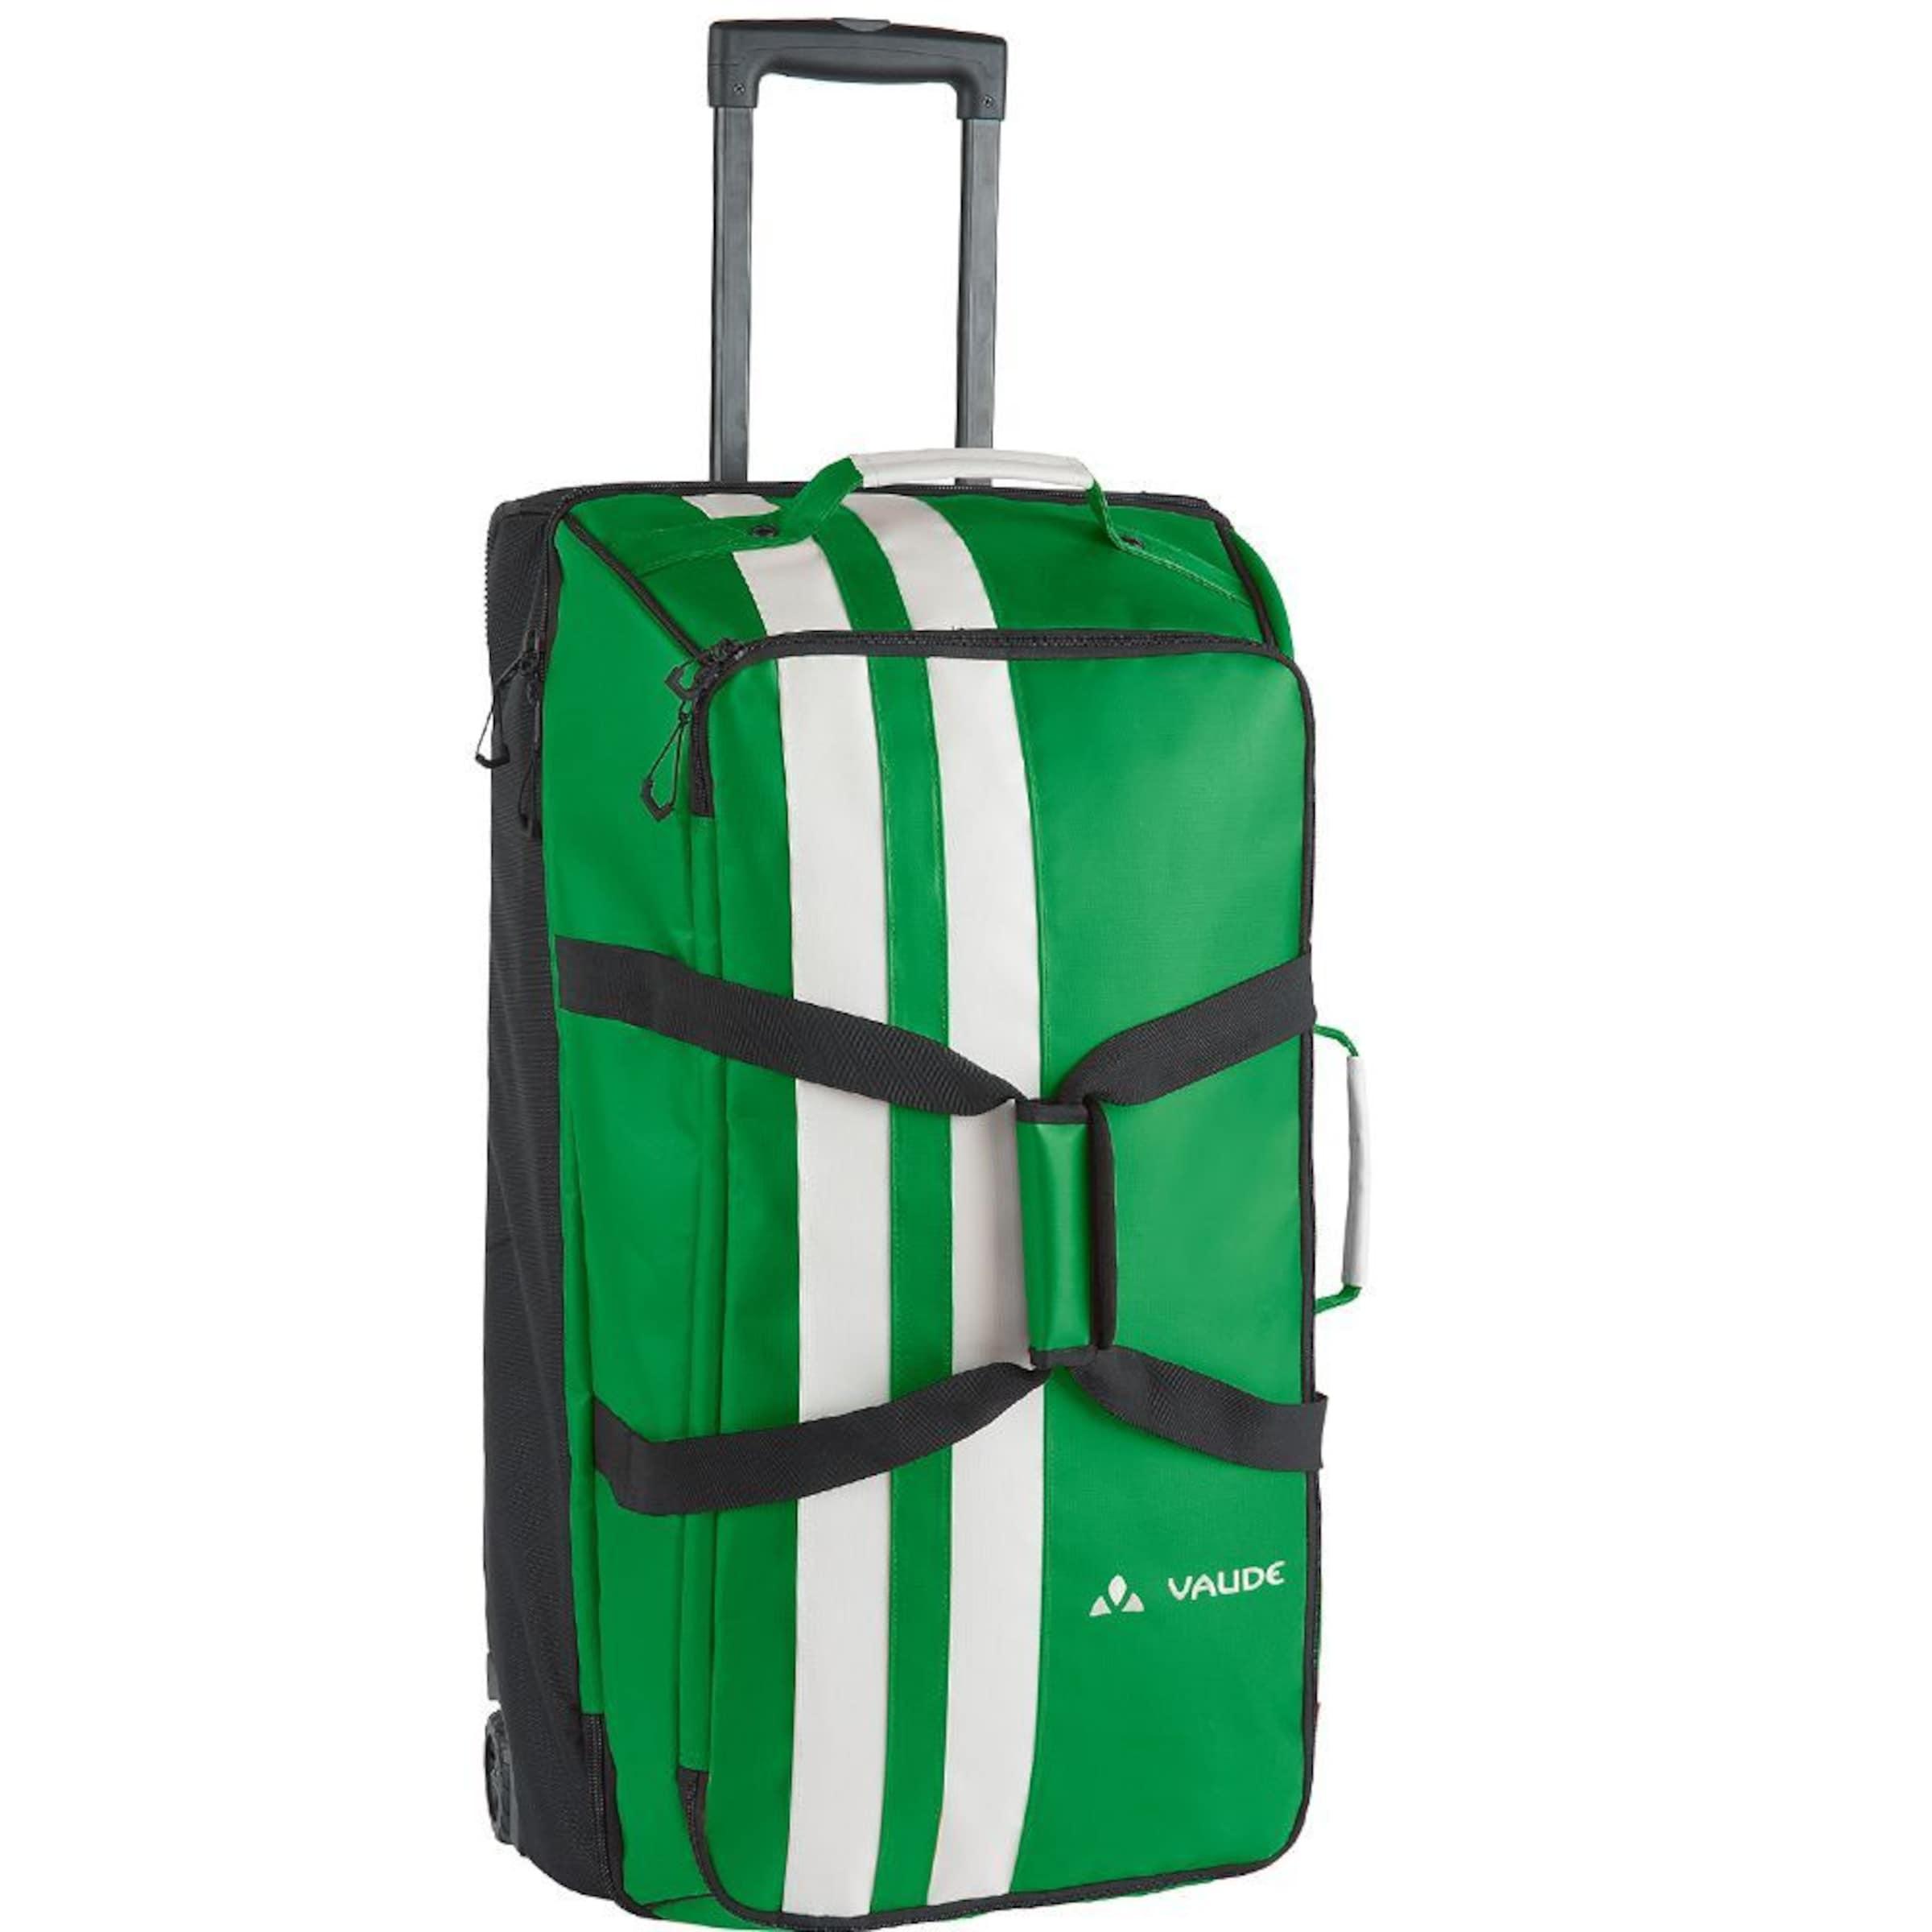 VAUDE New Islands Tobago 90 2-Rollen Reisetasche 75 cm Footlocker Abbildungen Günstig Online QTnPu